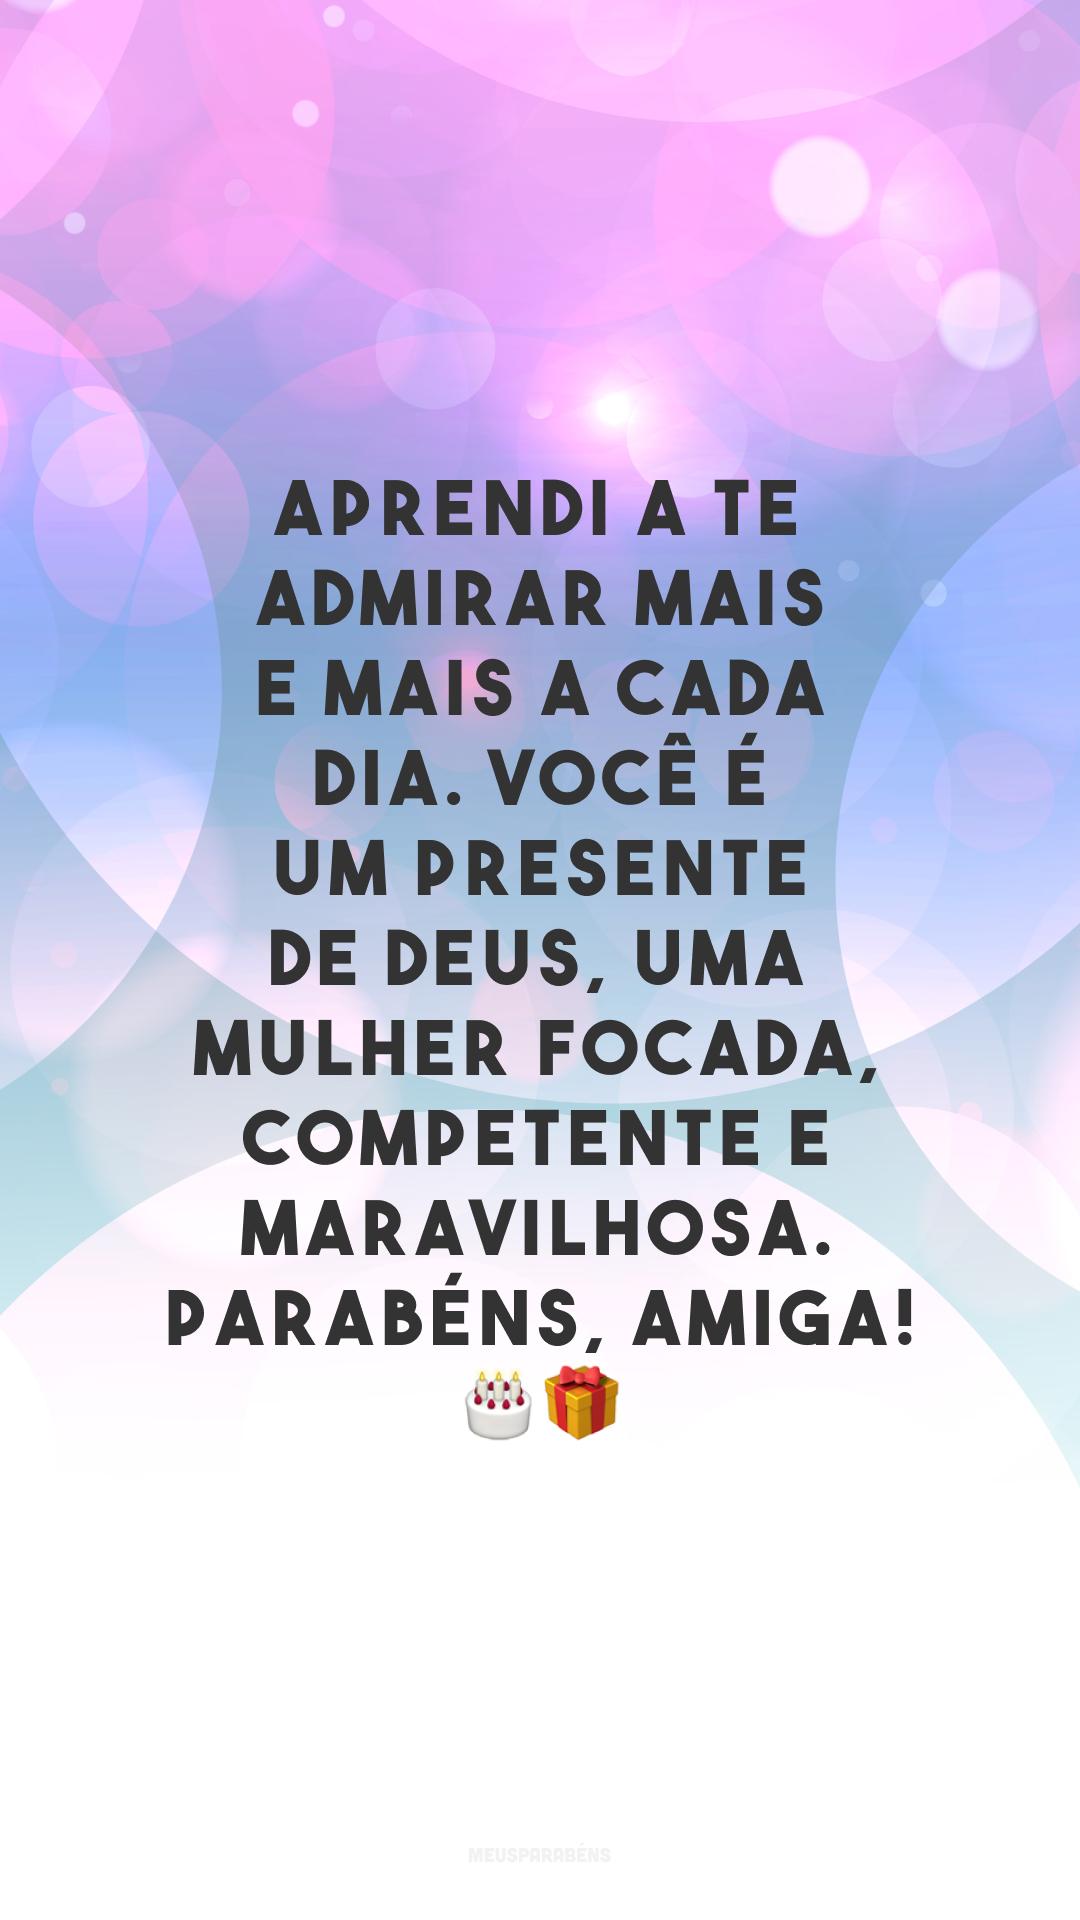 Aprendi a te admirar mais e mais a cada dia. Você é um presente de Deus, uma mulher focada, competente e maravilhosa. Parabéns, amiga! 🎂🎁